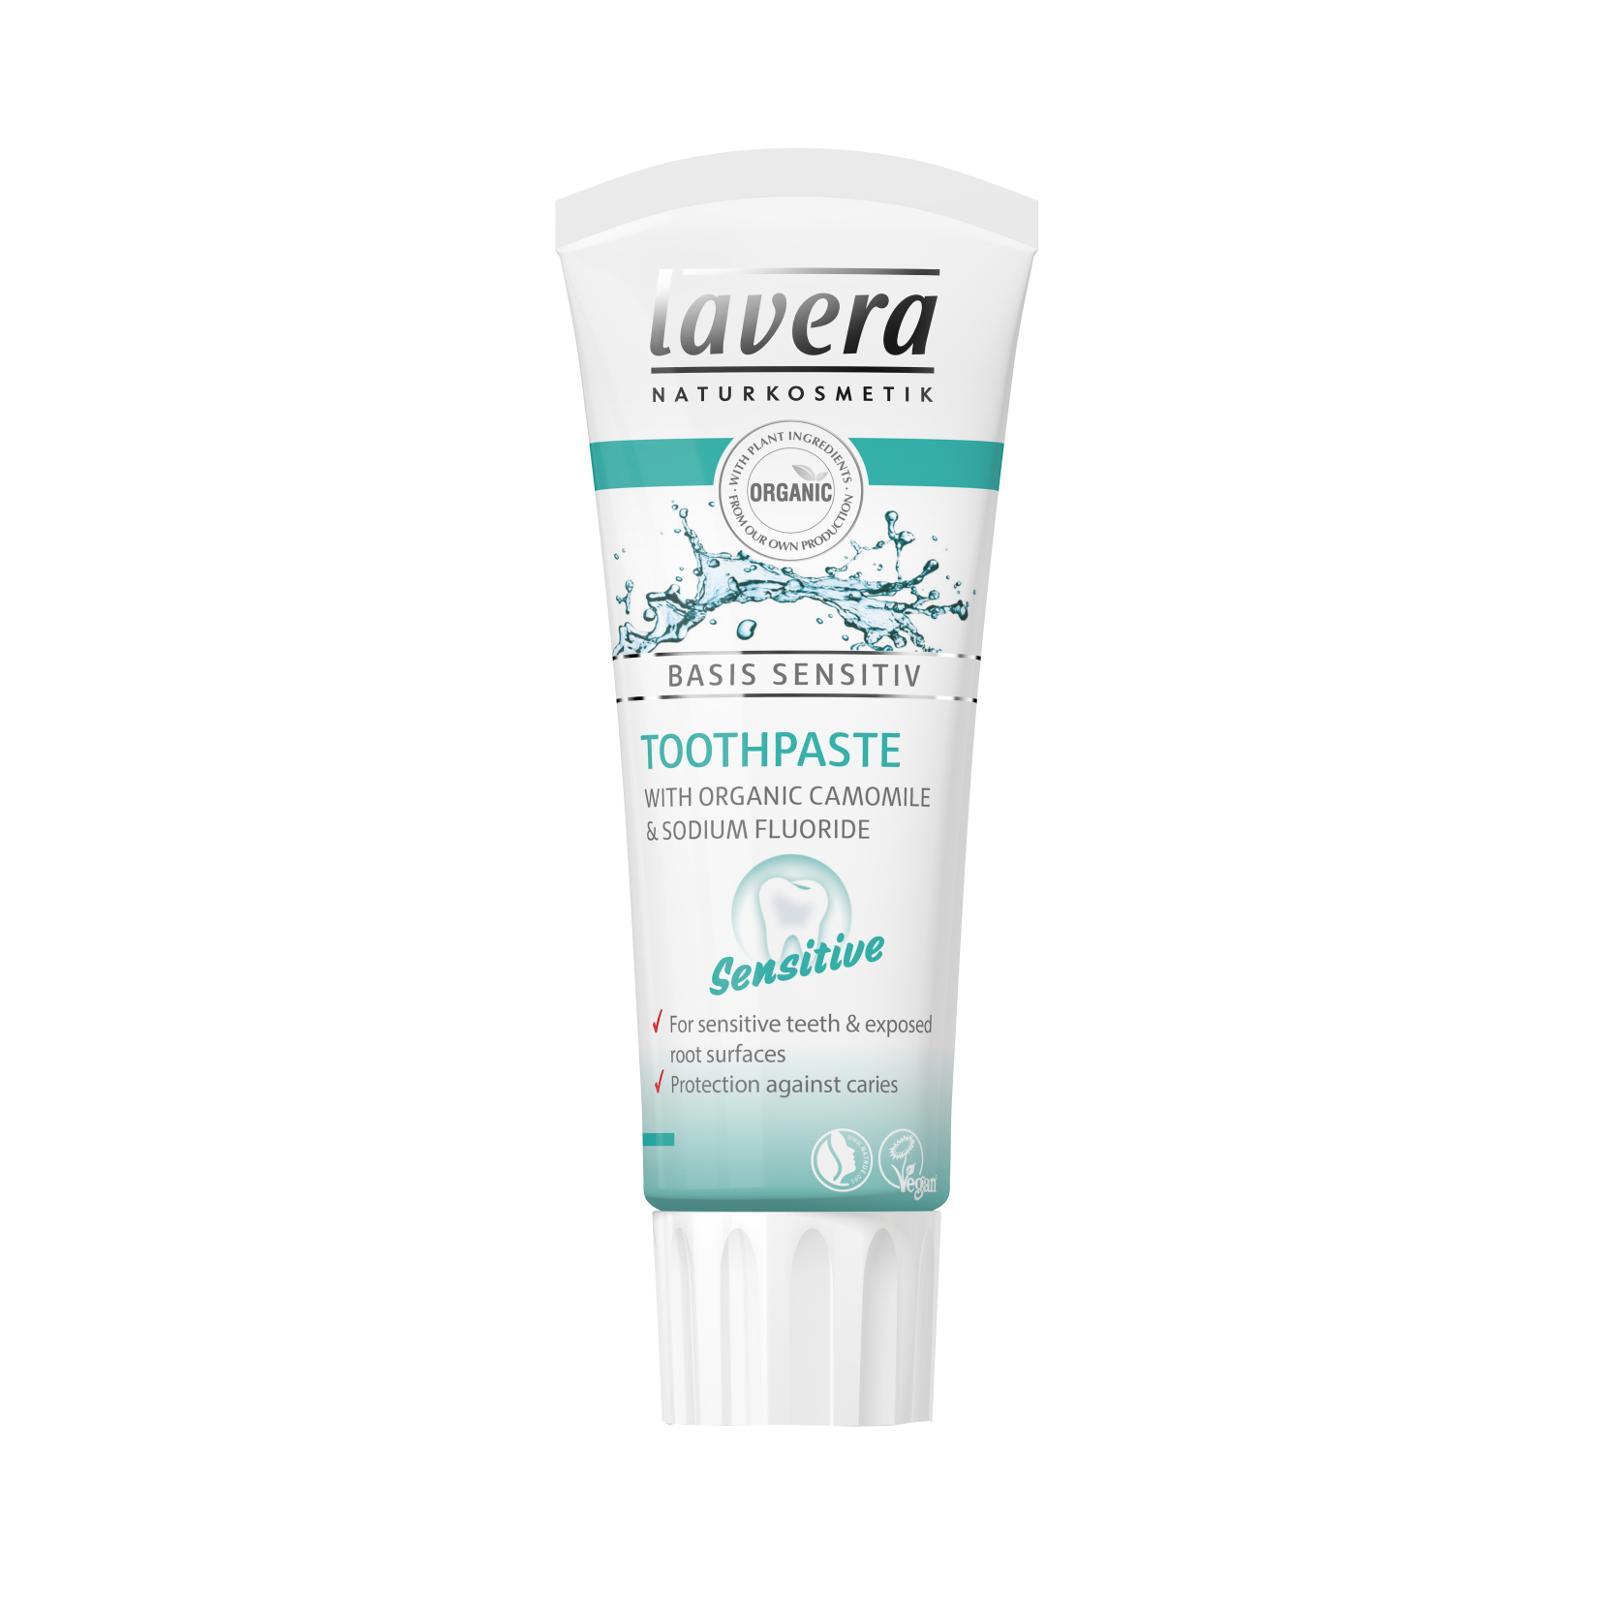 Lavera Zubní pasta pro citlivé zuby a dásně, Basis Sensitive 75 ml